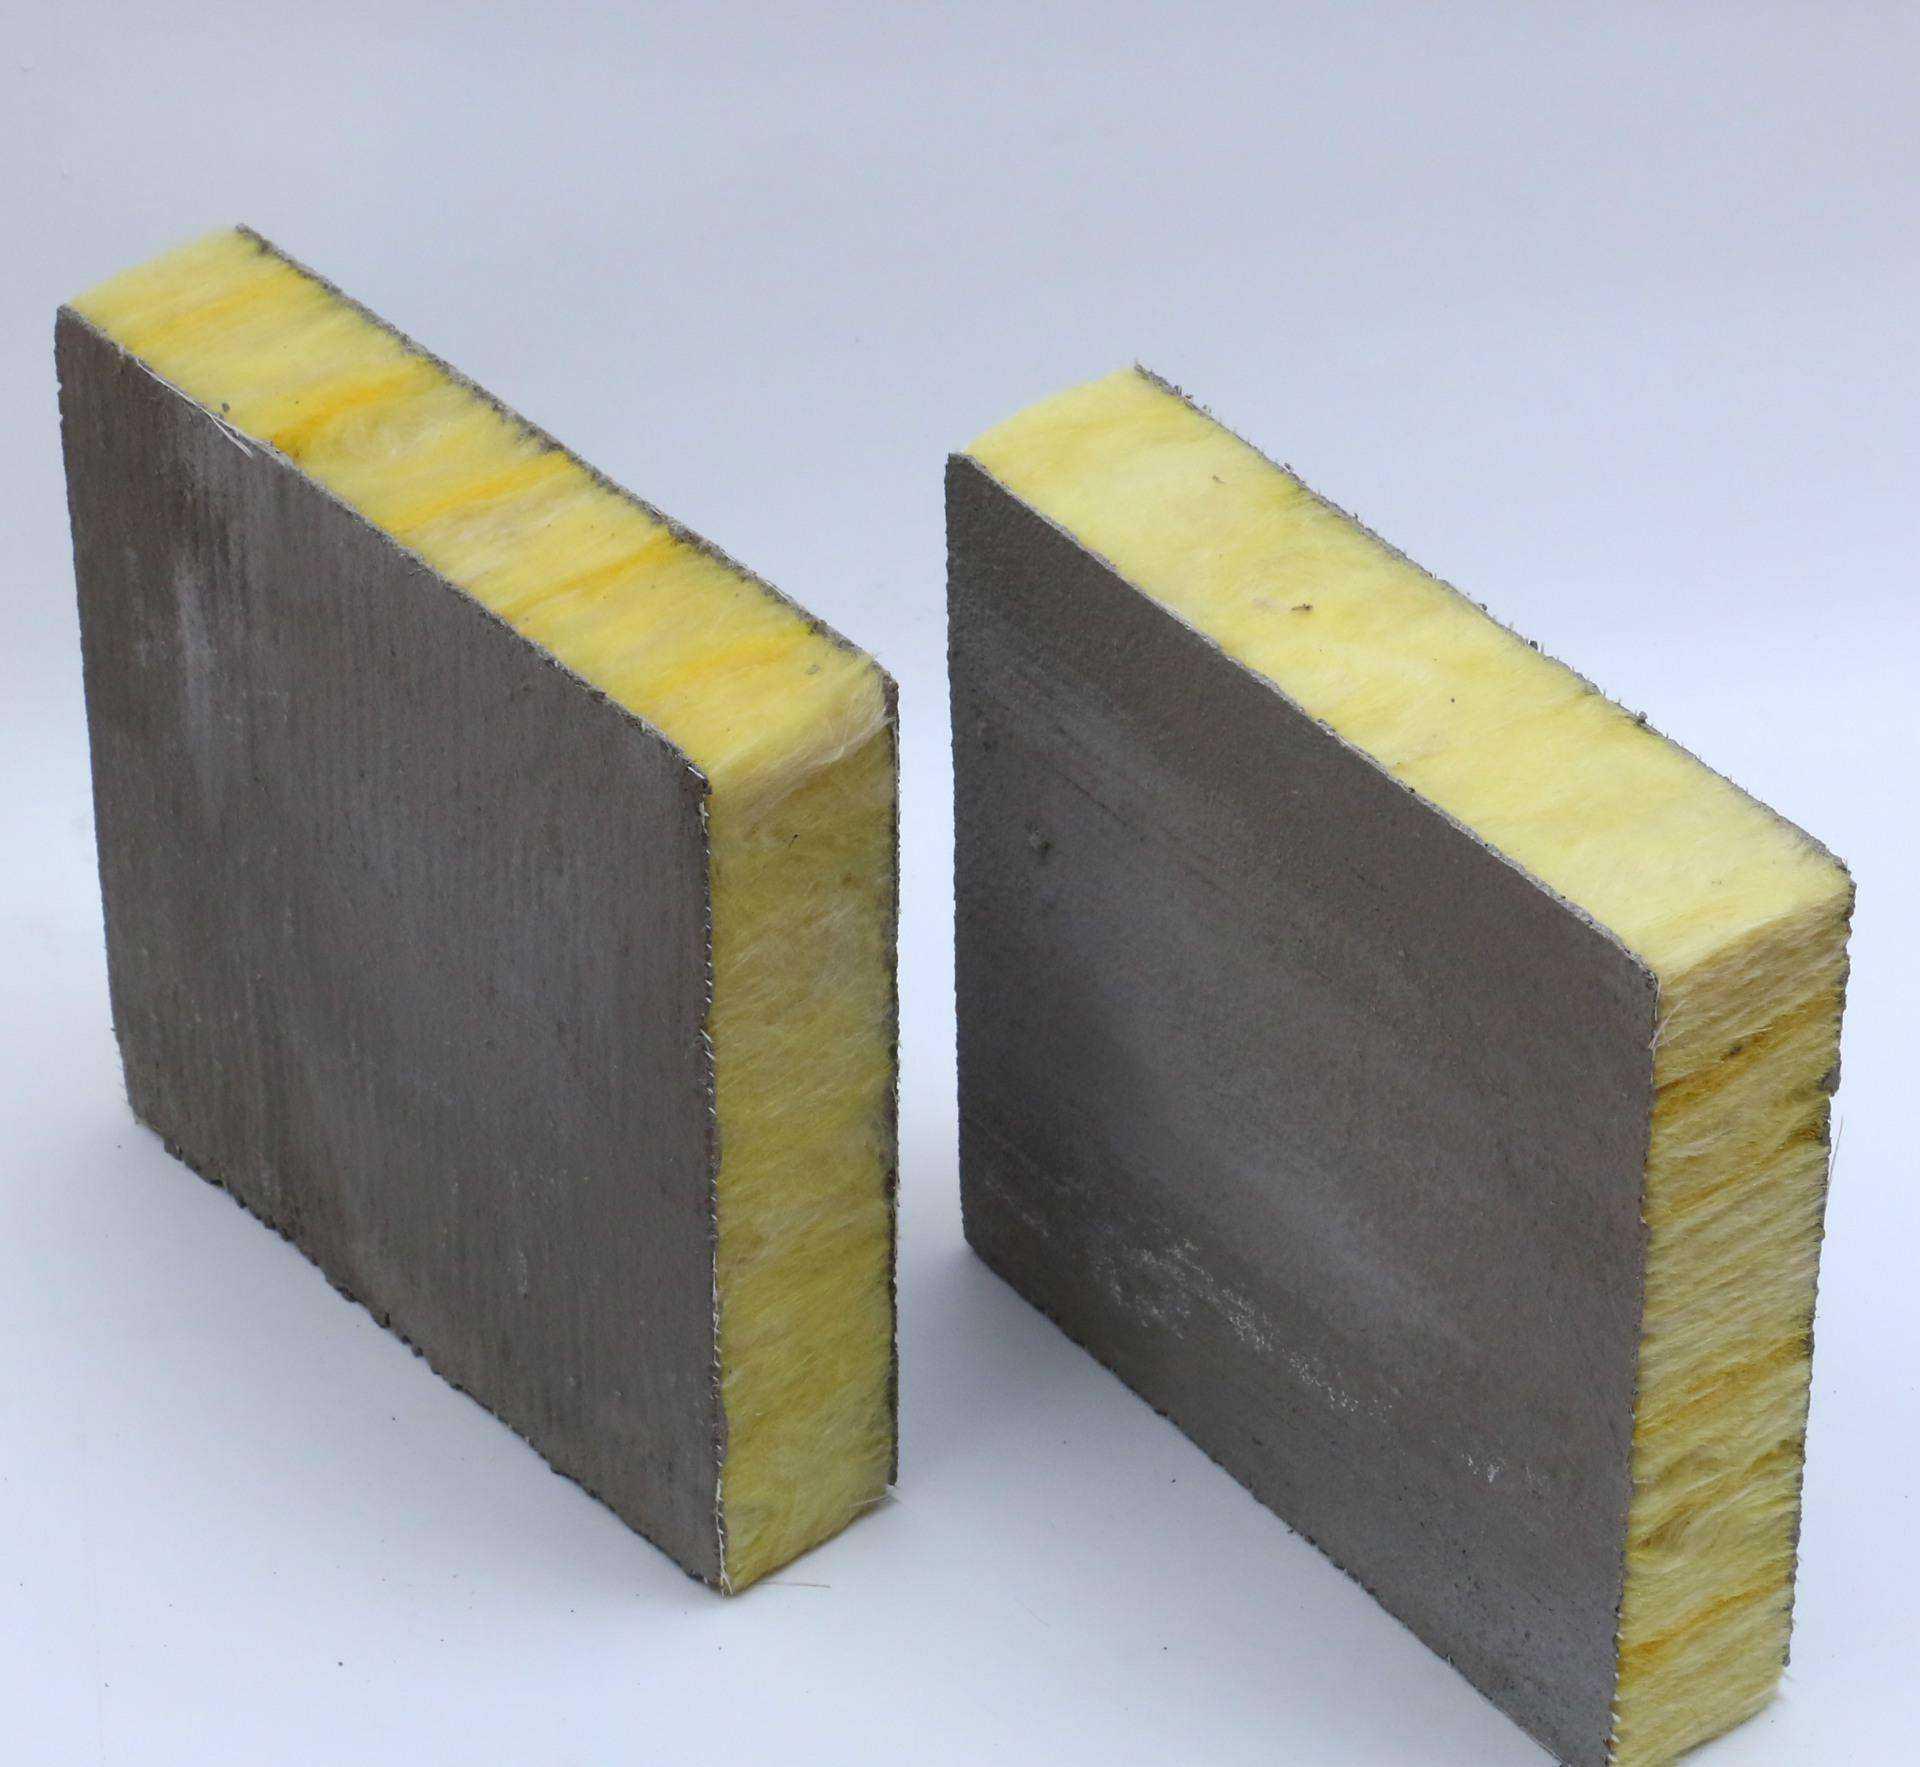 岩棉板在施工需要注意哪些问题?